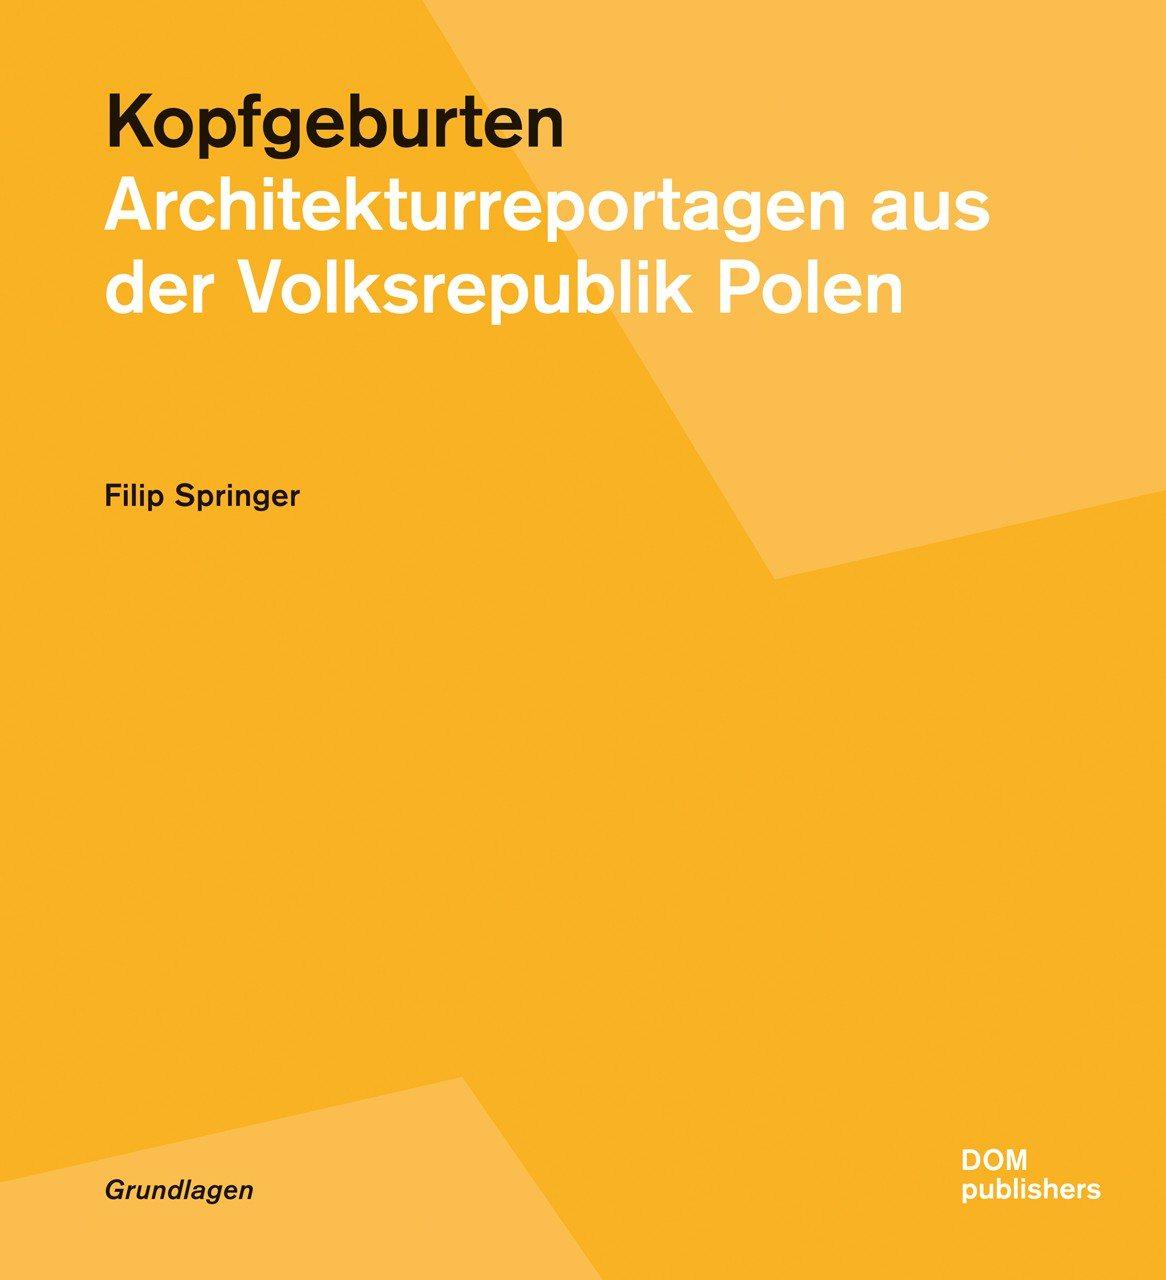 Kopfgeburten. Das Cover des bei DOM publishers erschienenen Reportagebands